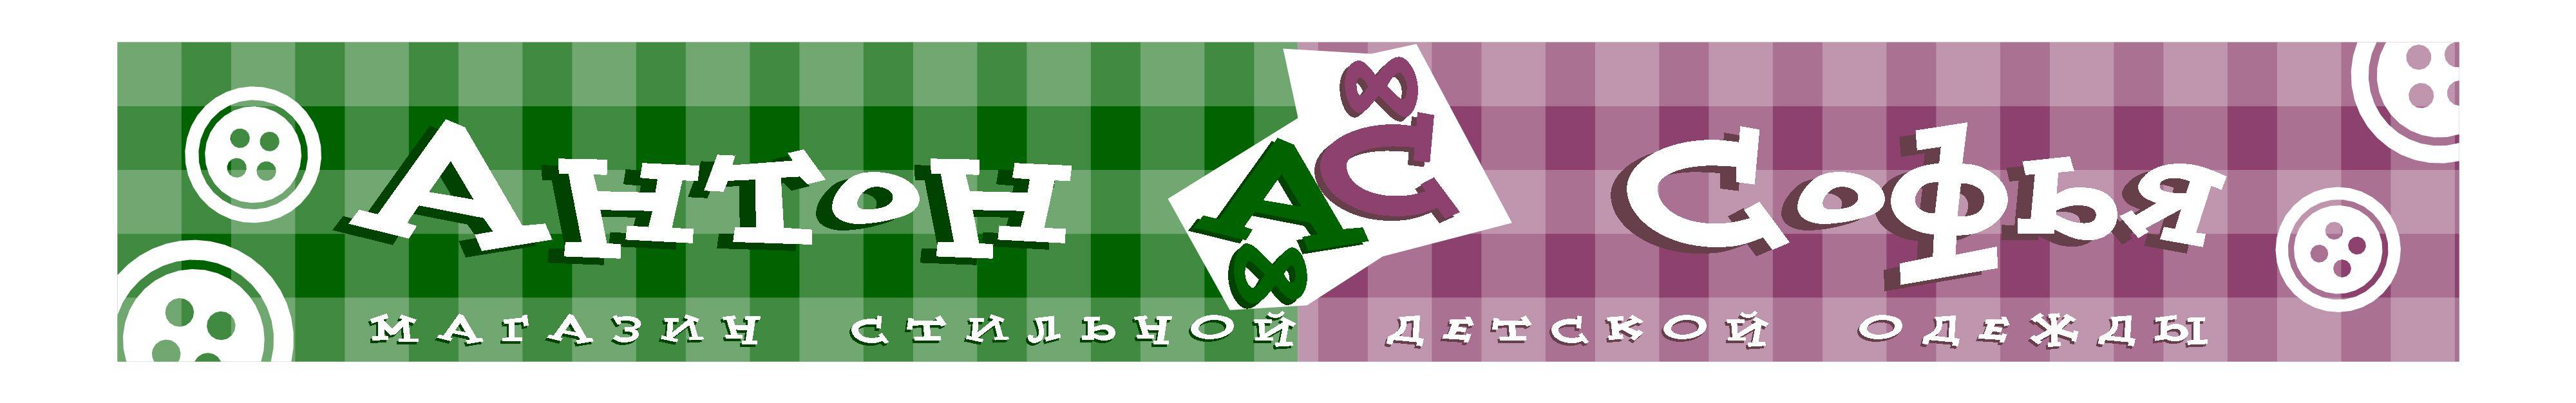 Логотип и вывеска для магазина детской одежды фото f_4c856a7b447b9.jpg